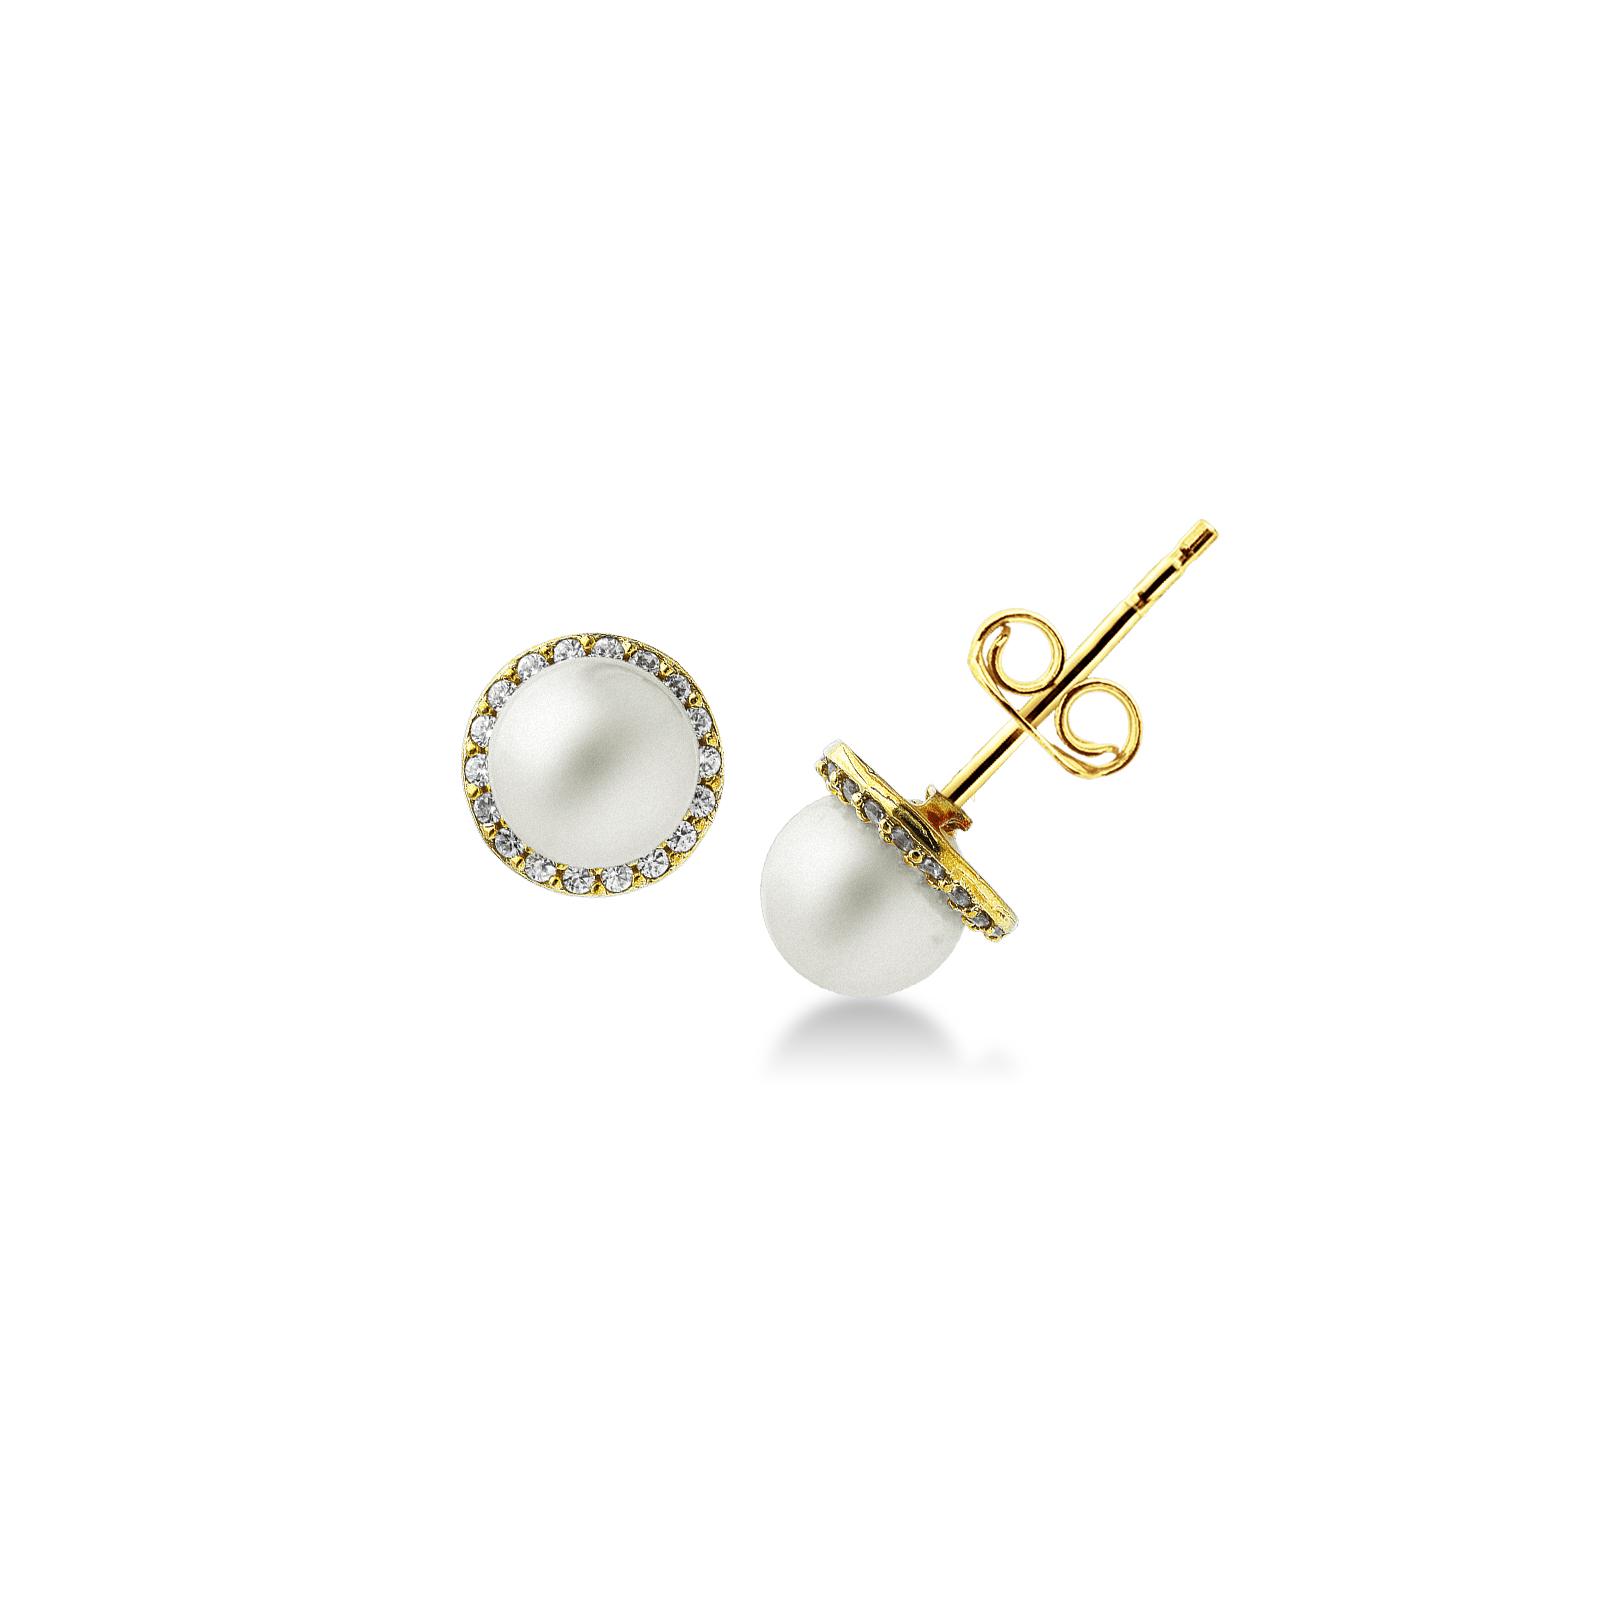 Earrings 18k Gold with Sintetic Pearl, Zircon